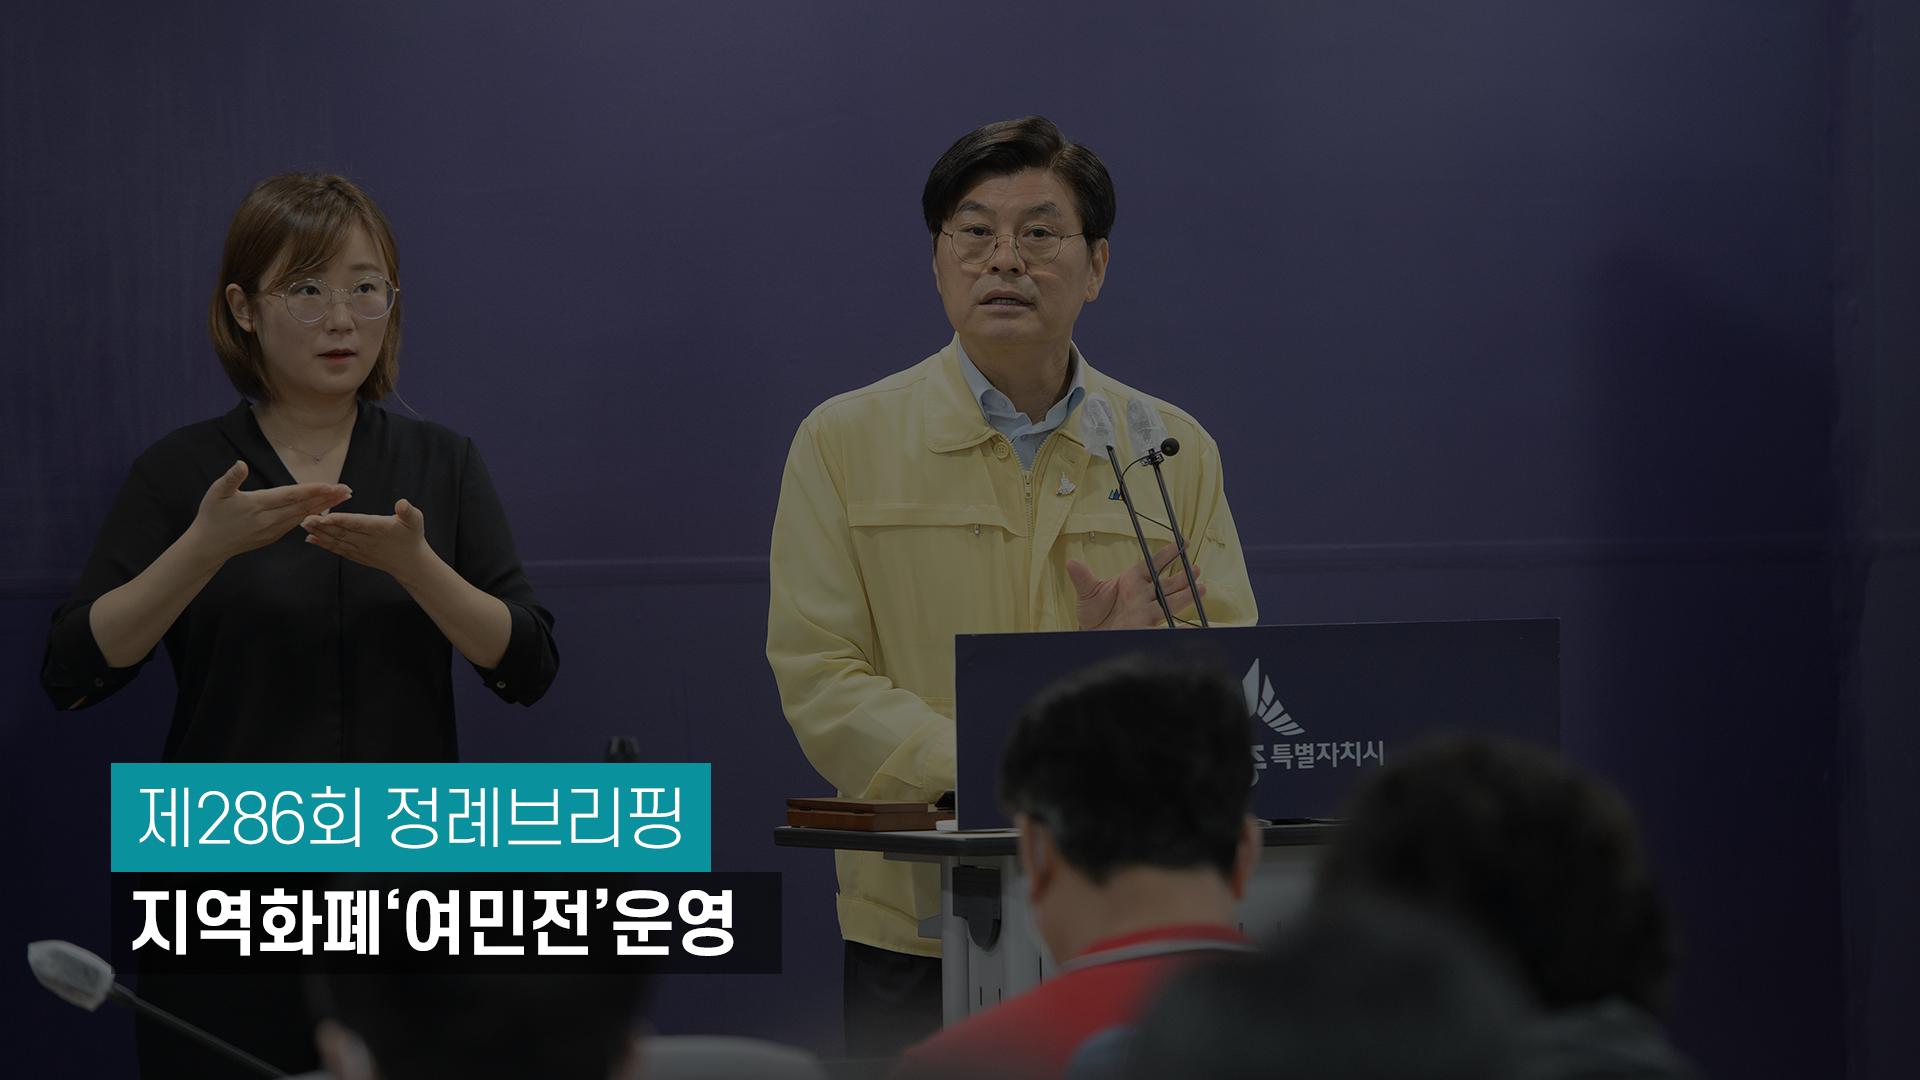 <286번째 정례브리핑> 지역화폐 여민전 운영